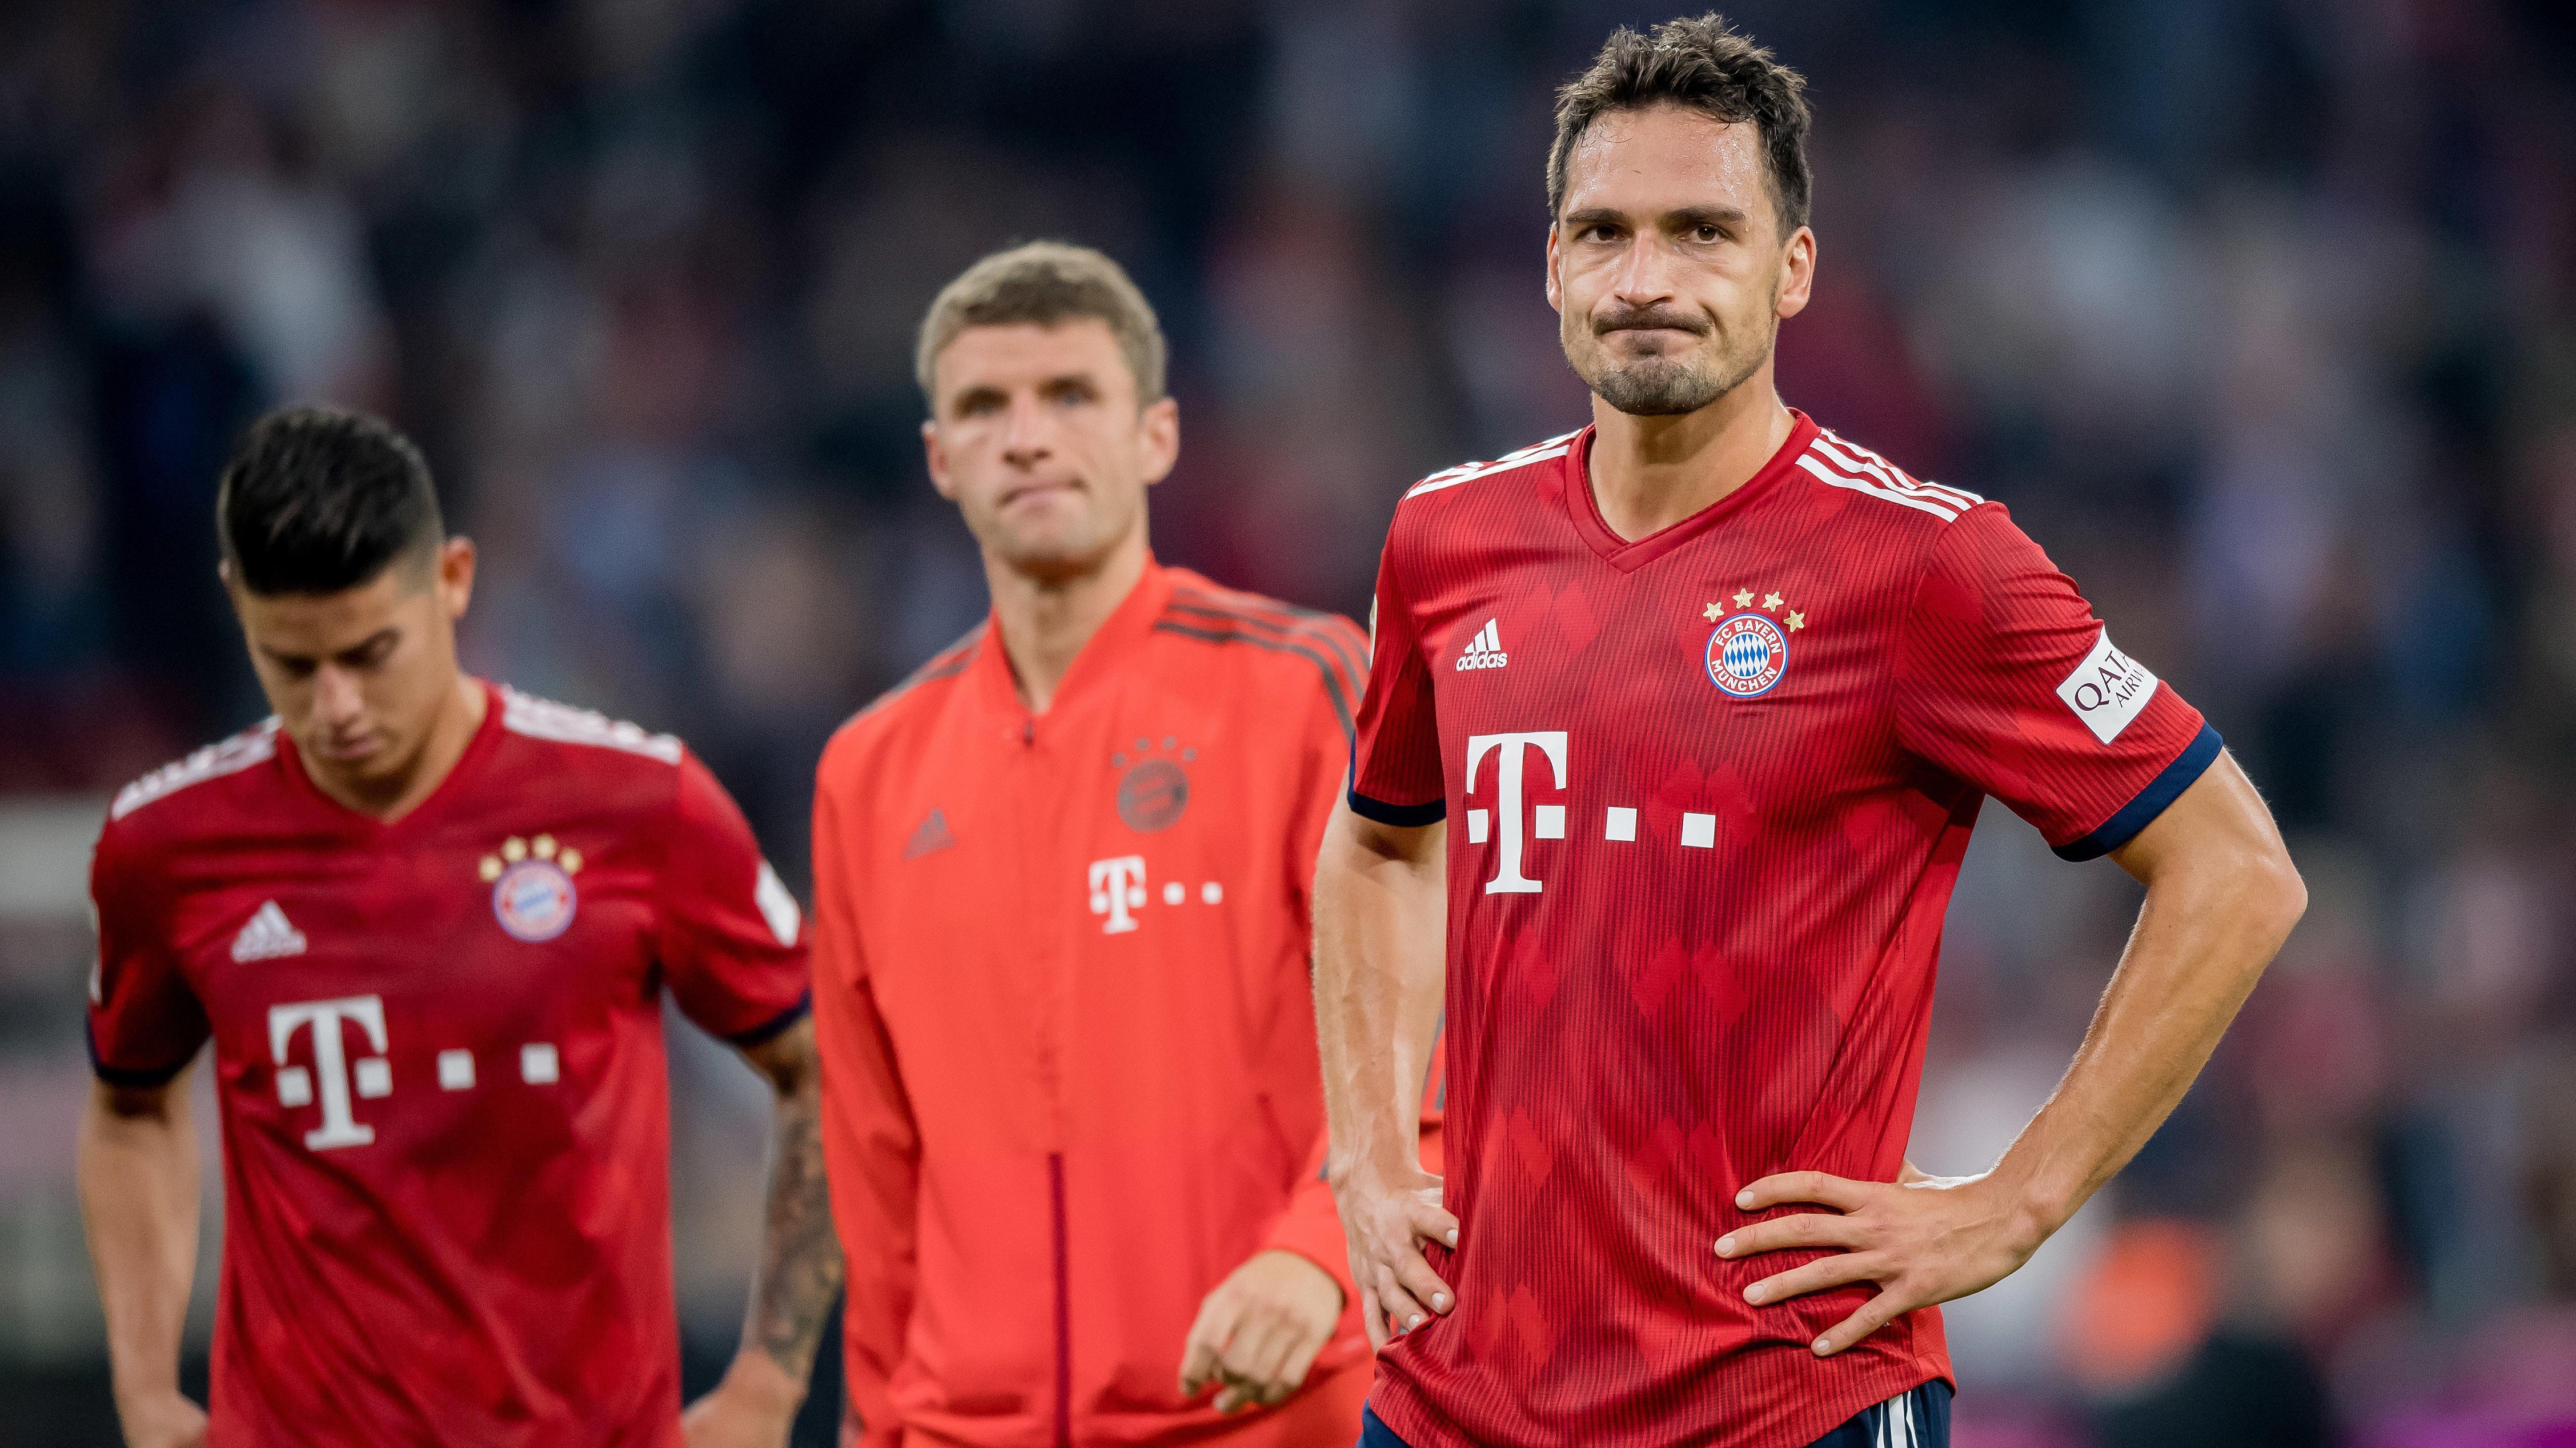 James Rodriguez, Thomas Müller und Mats Hummels - bedient nach der 0:3-Niederlage gegen Mönchengladbach